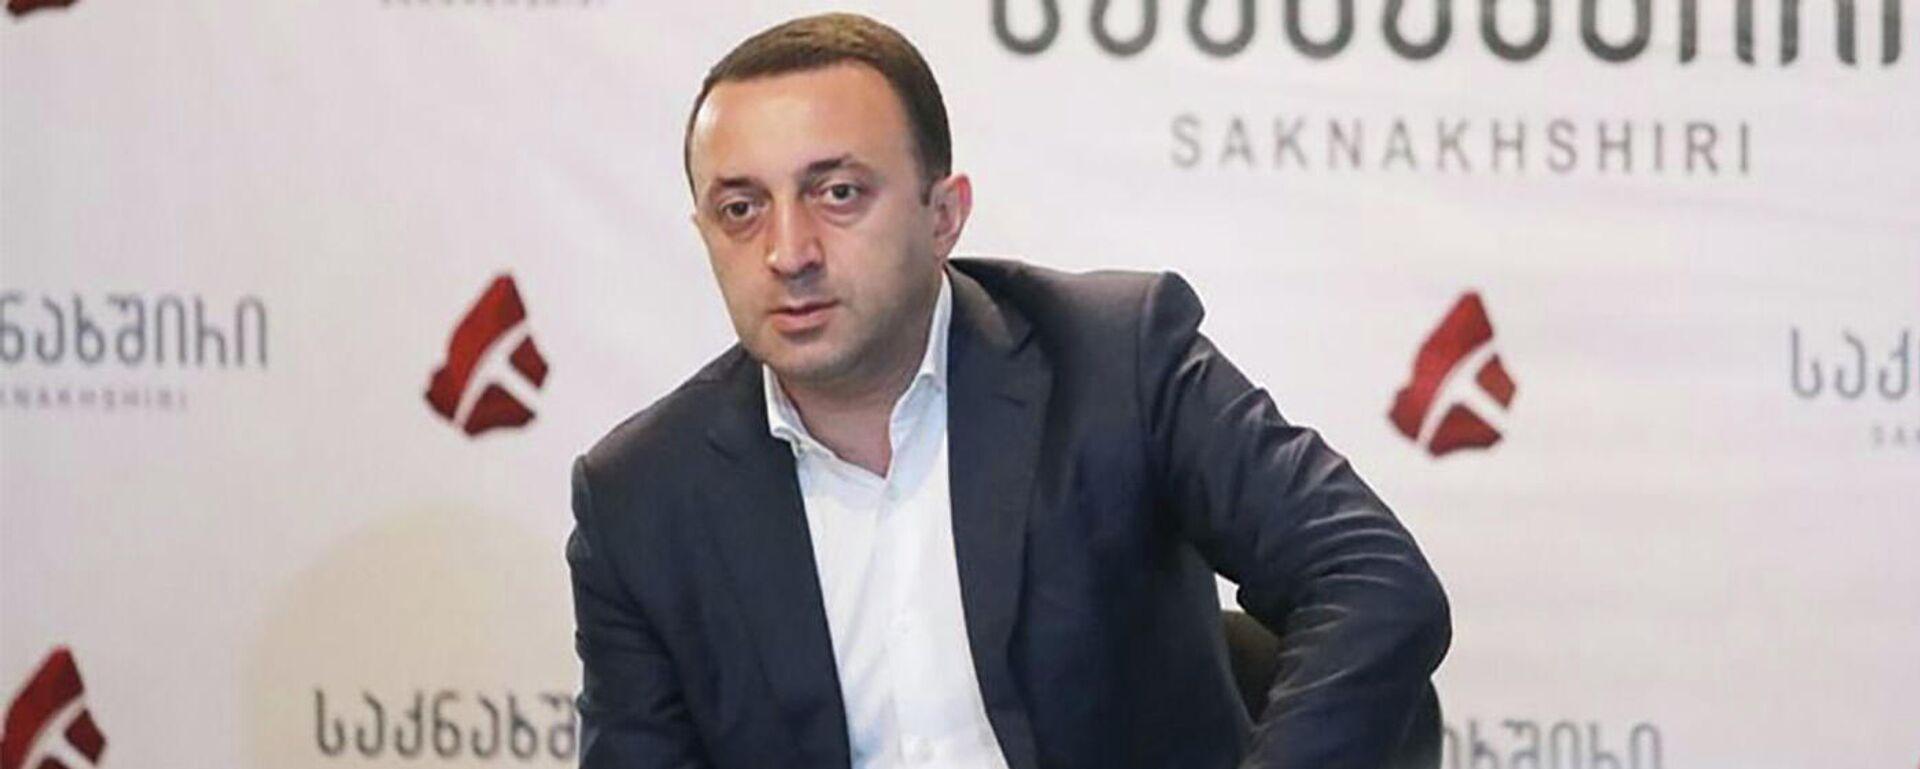 Ираклий Гарибашвили - Sputnik Грузия, 1920, 18.09.2021